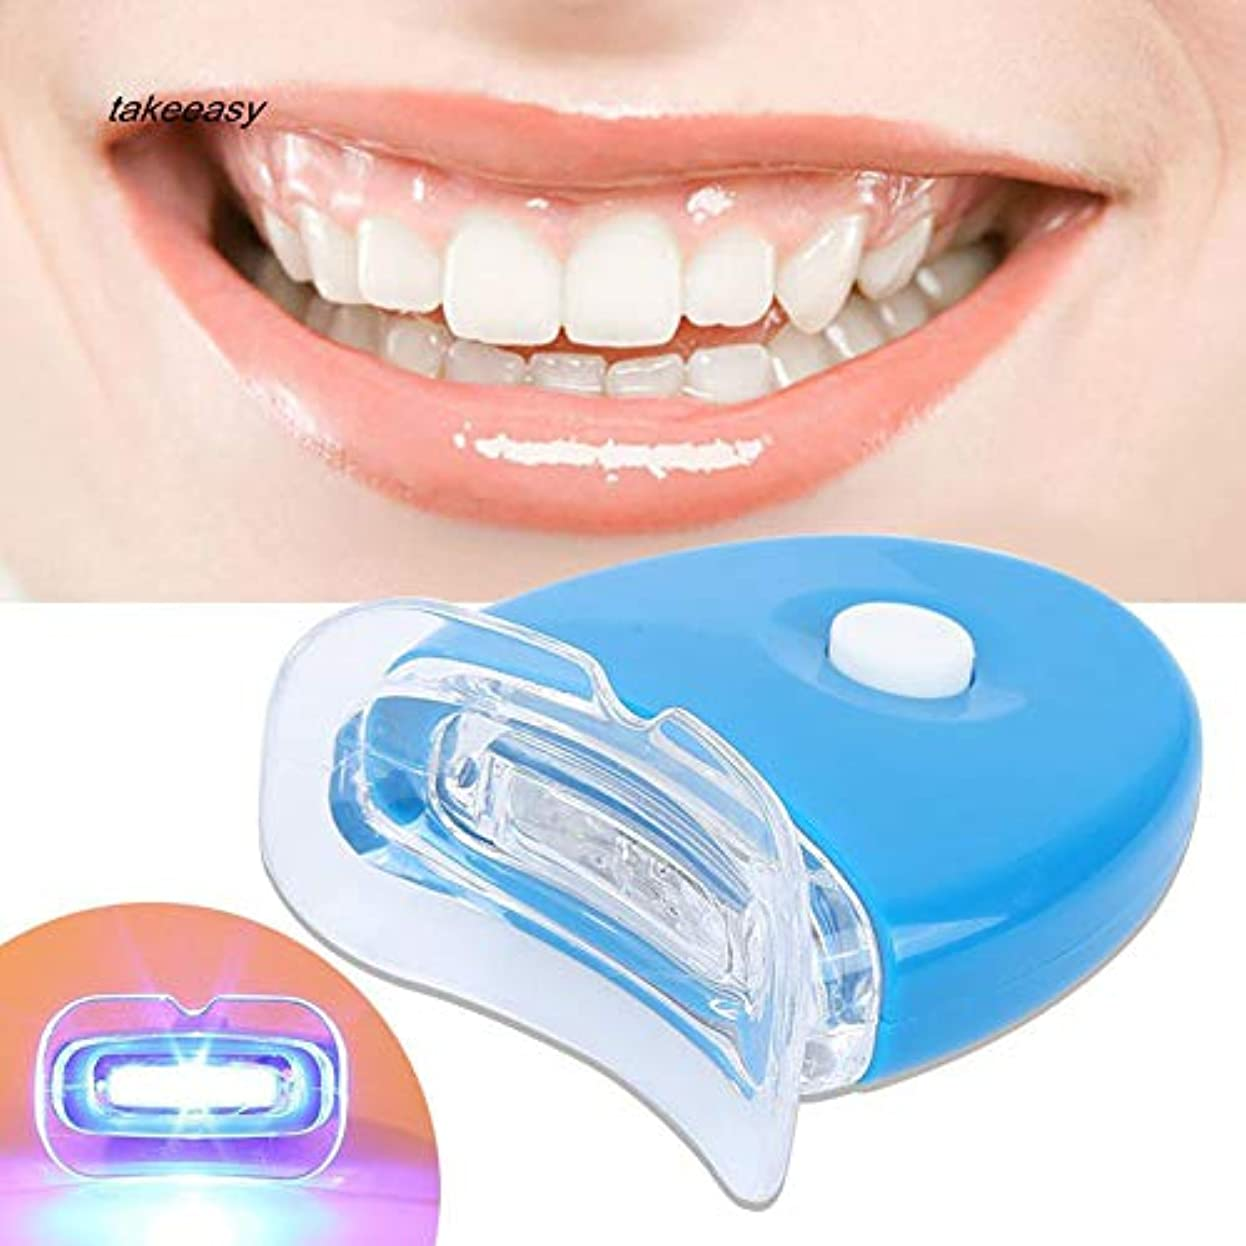 ブラウン負祝福する歯ホワイトニング器 歯美白器 美歯器 ホワイトニング ホワイトナー ケア 歯の消しゴム 歯科機器 口腔ゲルキット ライト付き 歯を白くする